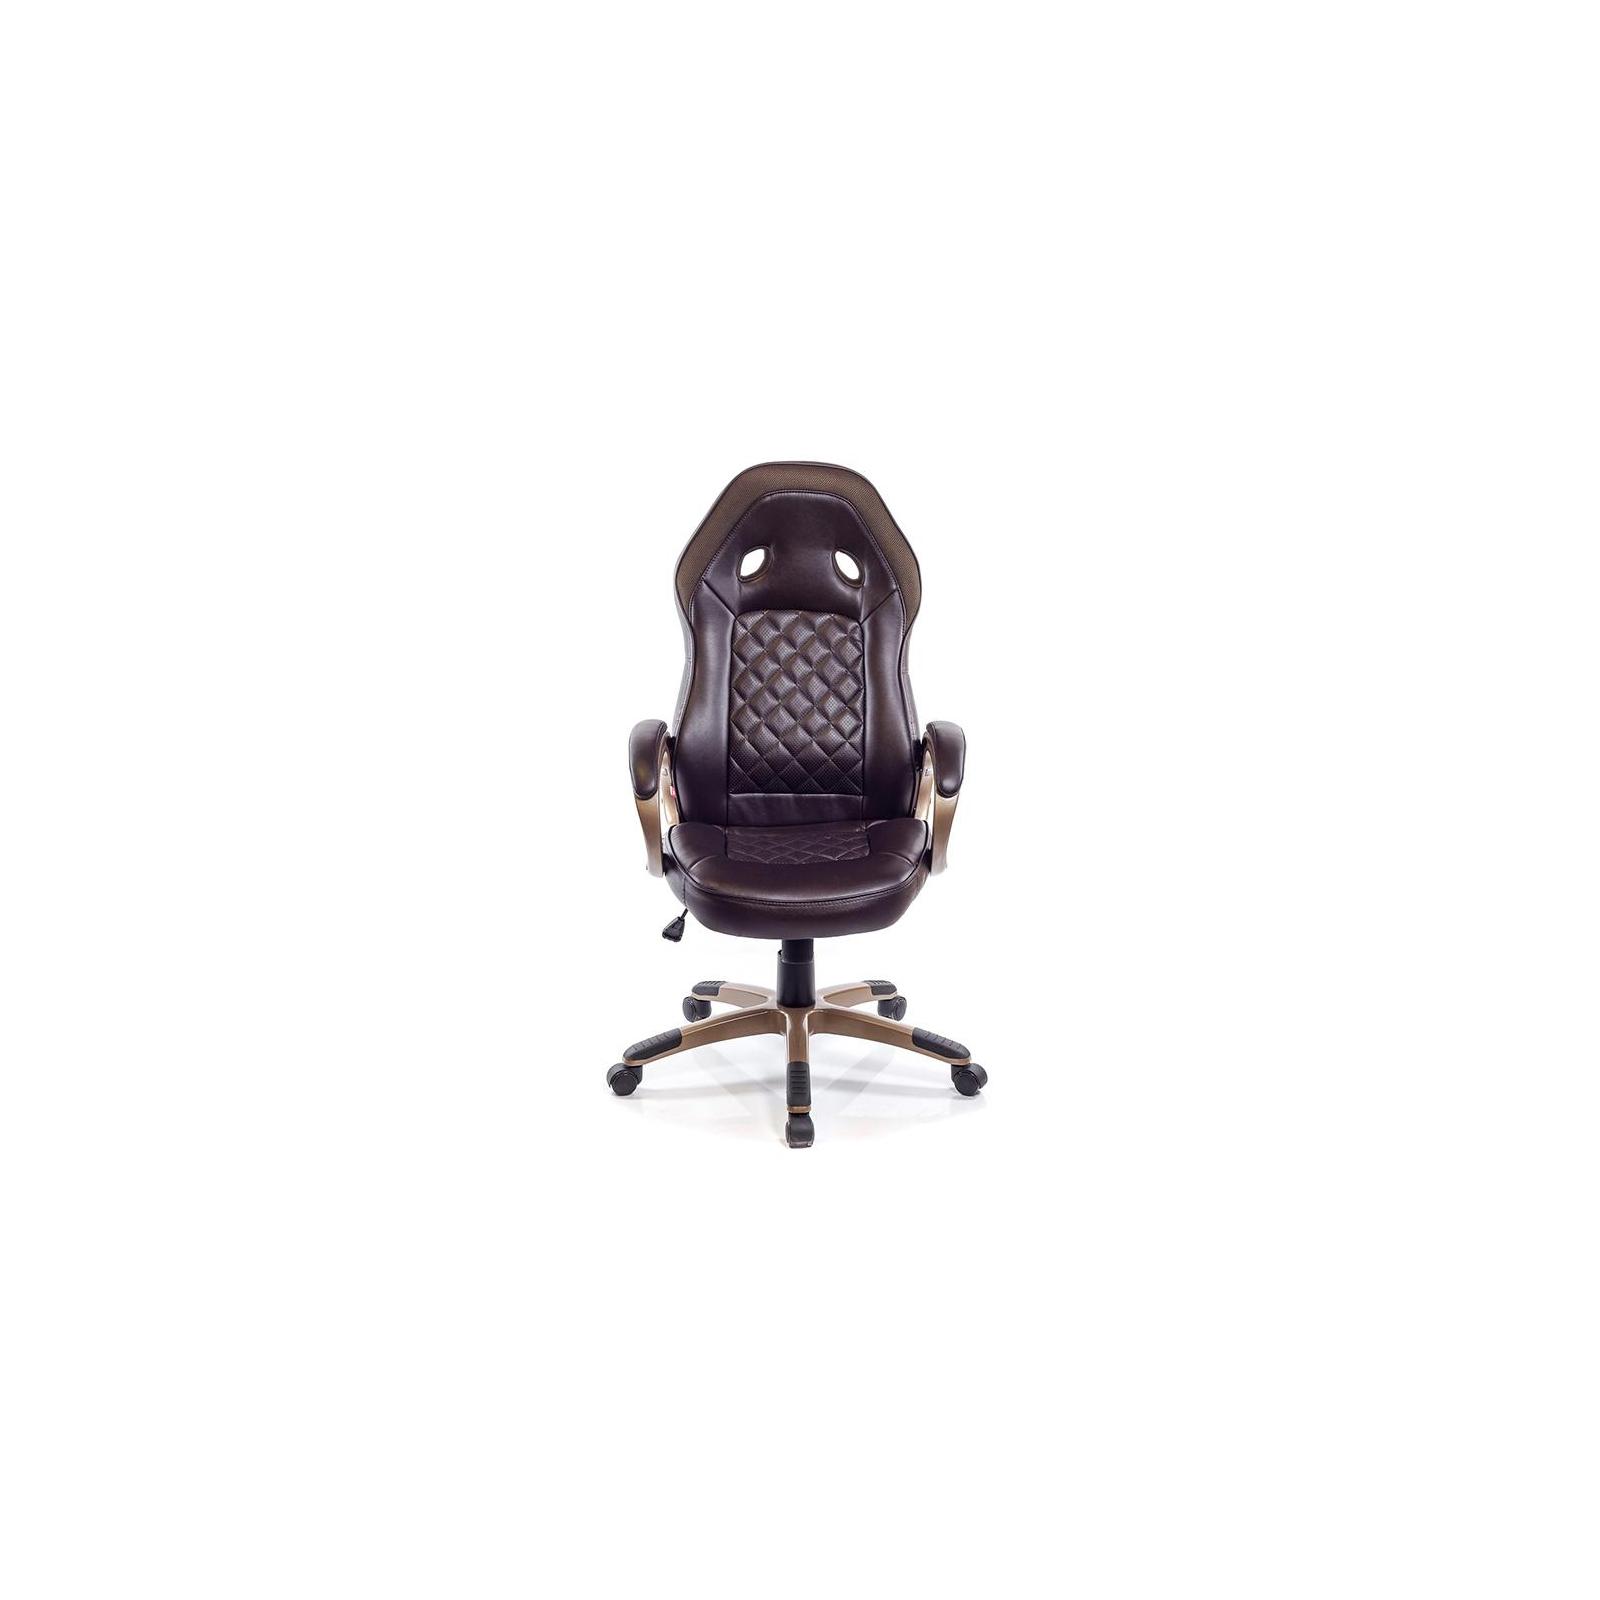 Кресло игровое АКЛАС Блиц PL TILT Коричневое (07262) изображение 2